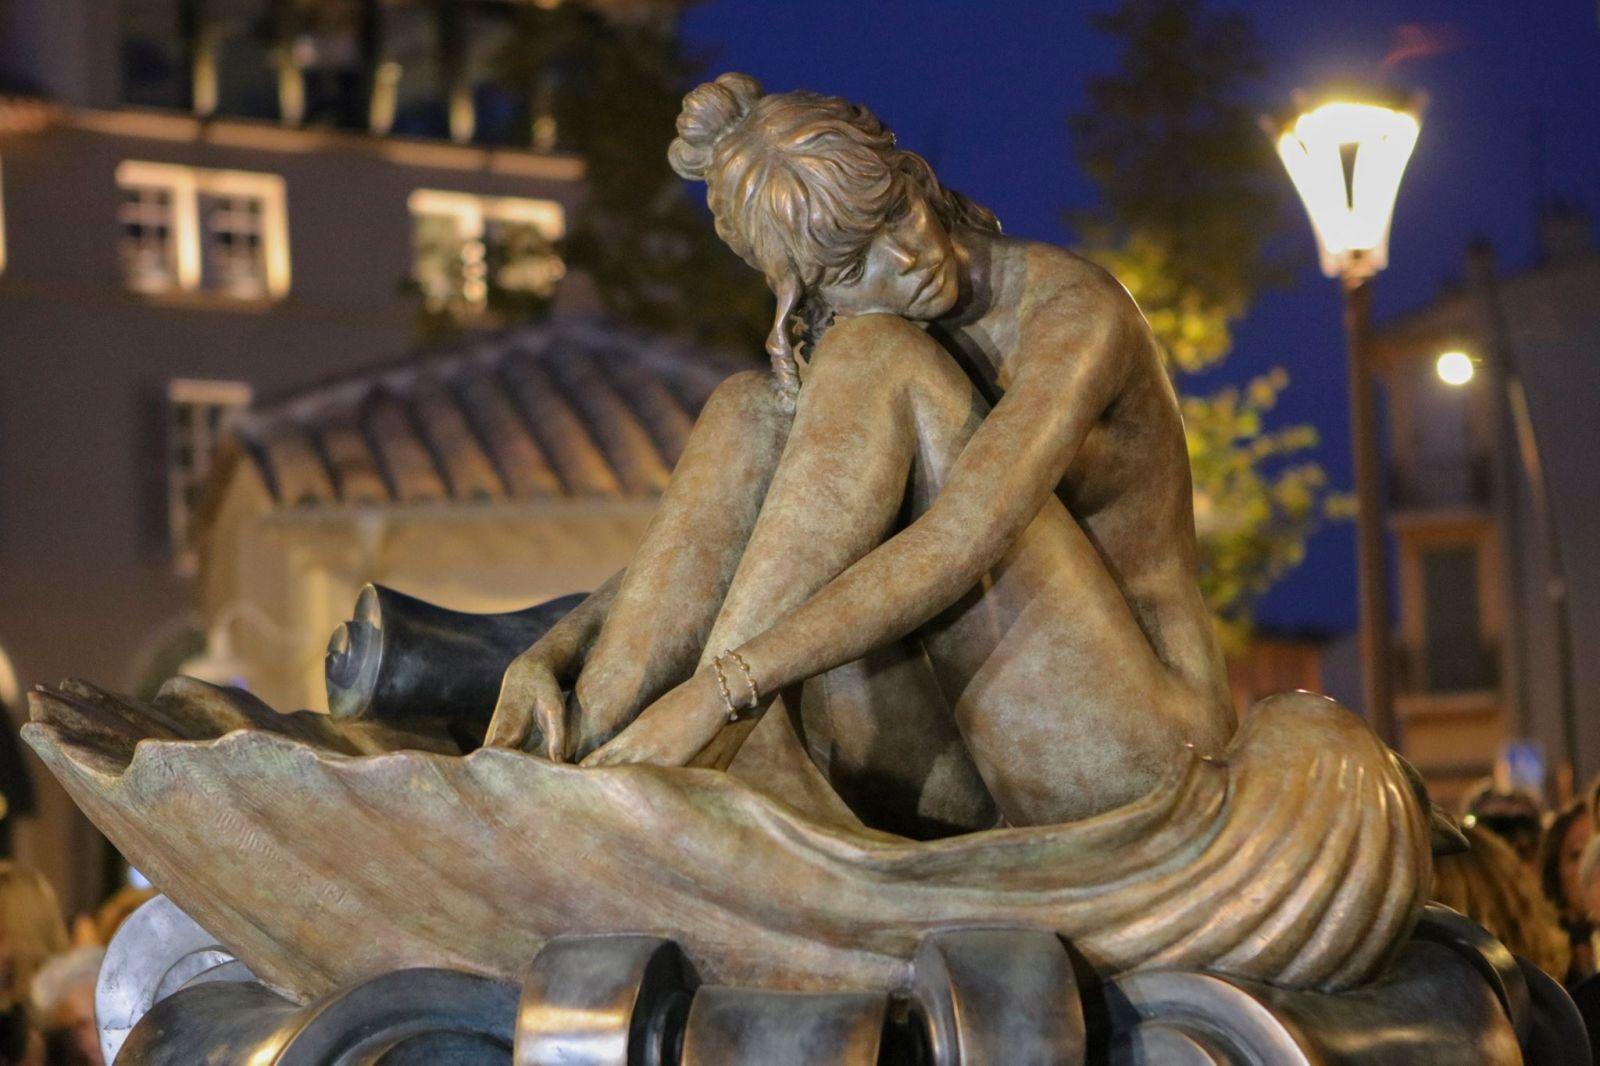 Anlässlich des 83. Geburtstags von Brigitte Bardot wurde ihr eine Statue errichtet. Foto: supervision.fr